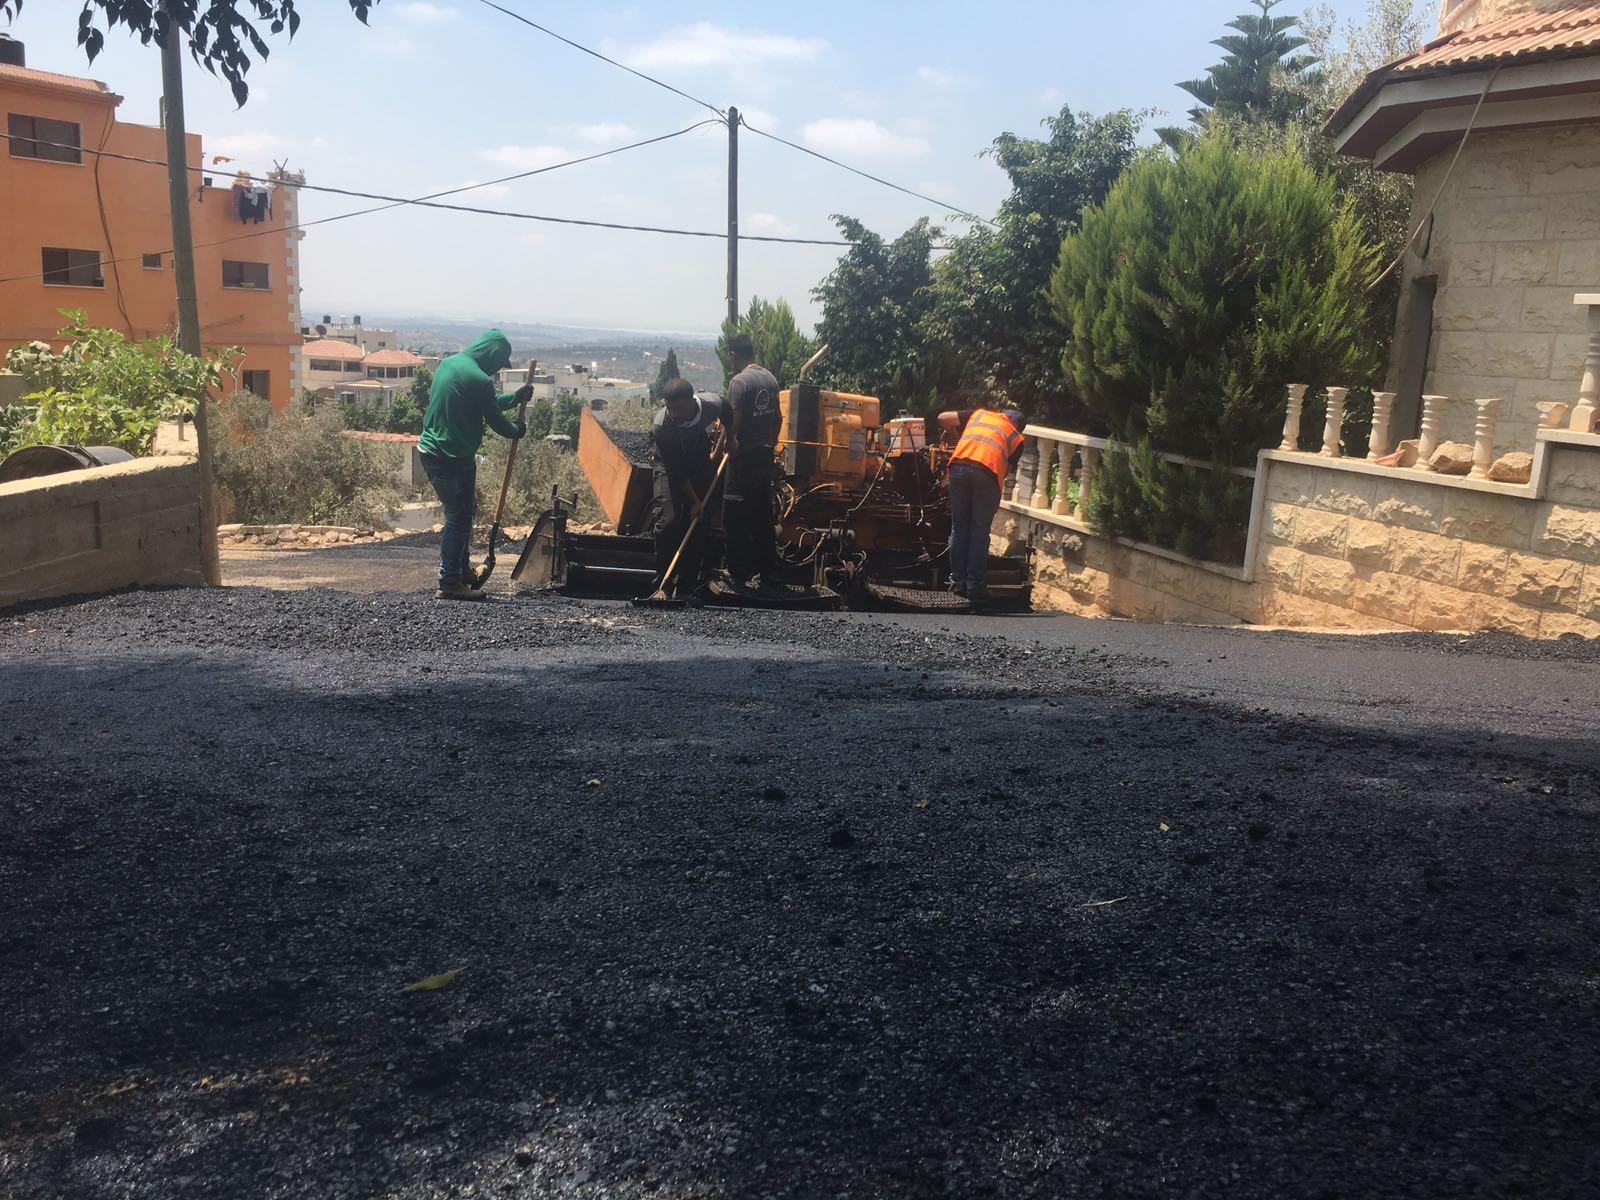 بلدية برطعة تنهي تعبيد الشارع المؤدي الى حارة ابناء الحاج وهبي قبها .